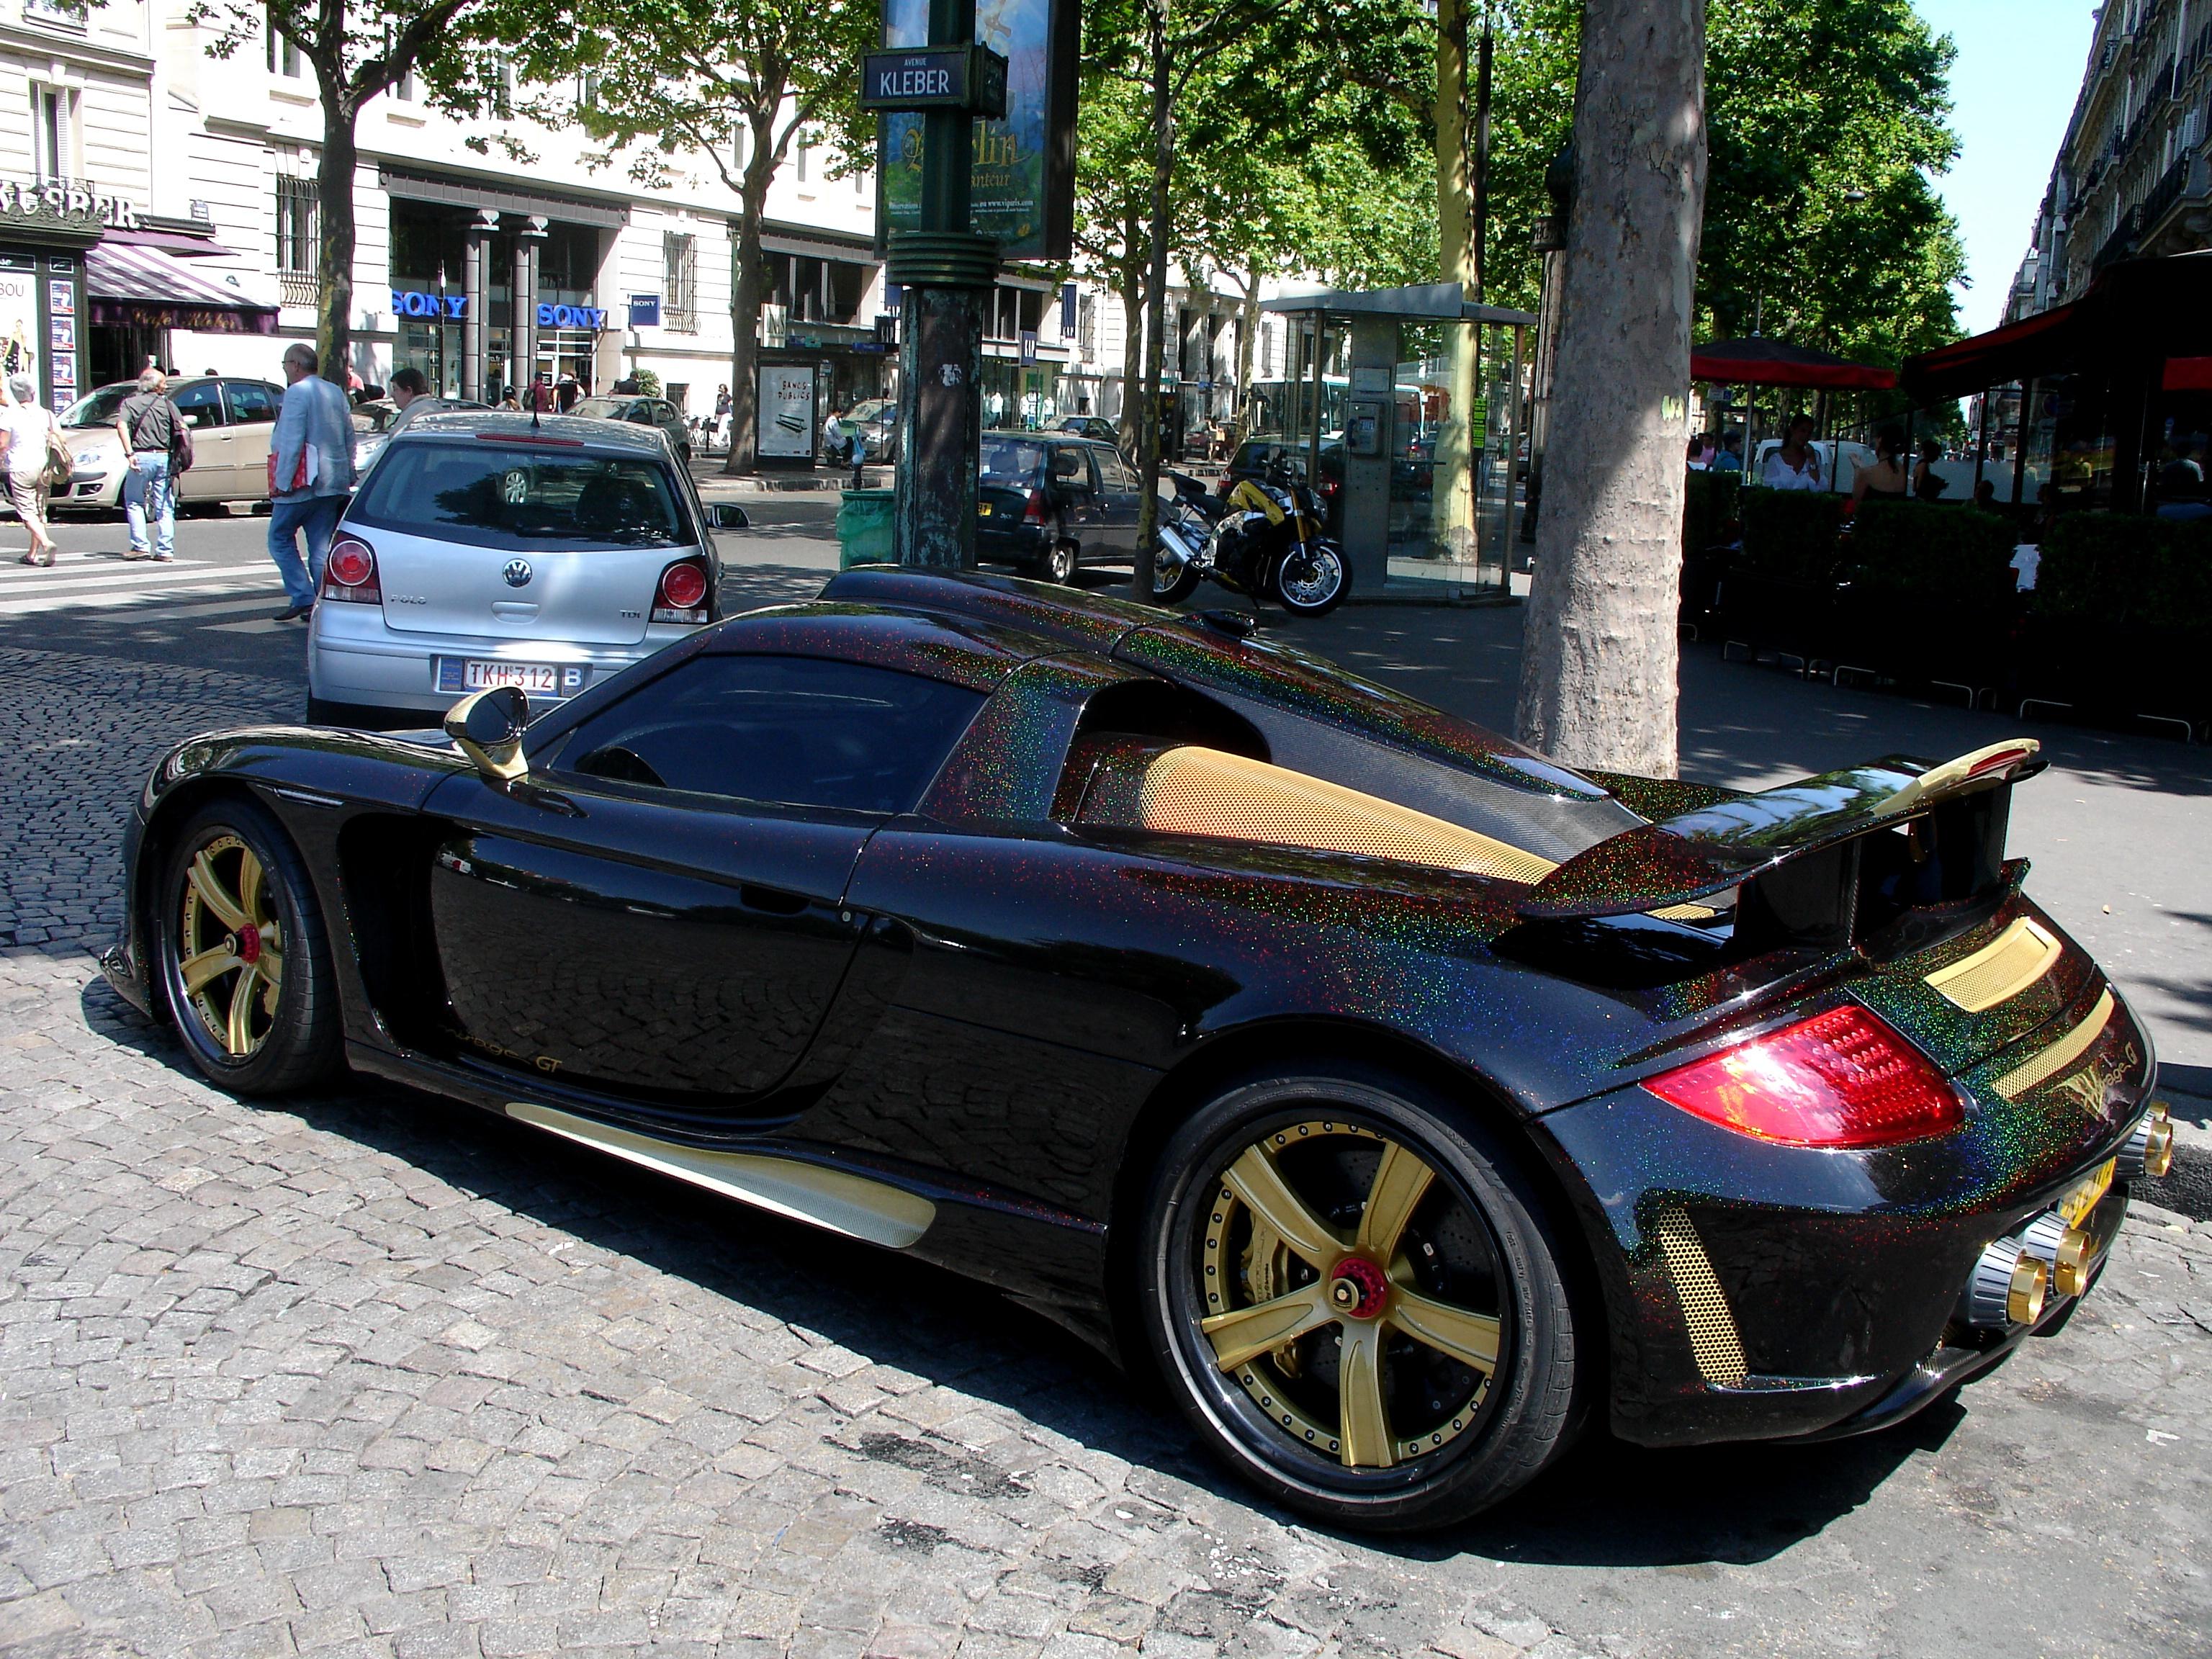 Wallpaper Girls Summer Money Paris Cute Sexy Cars Love